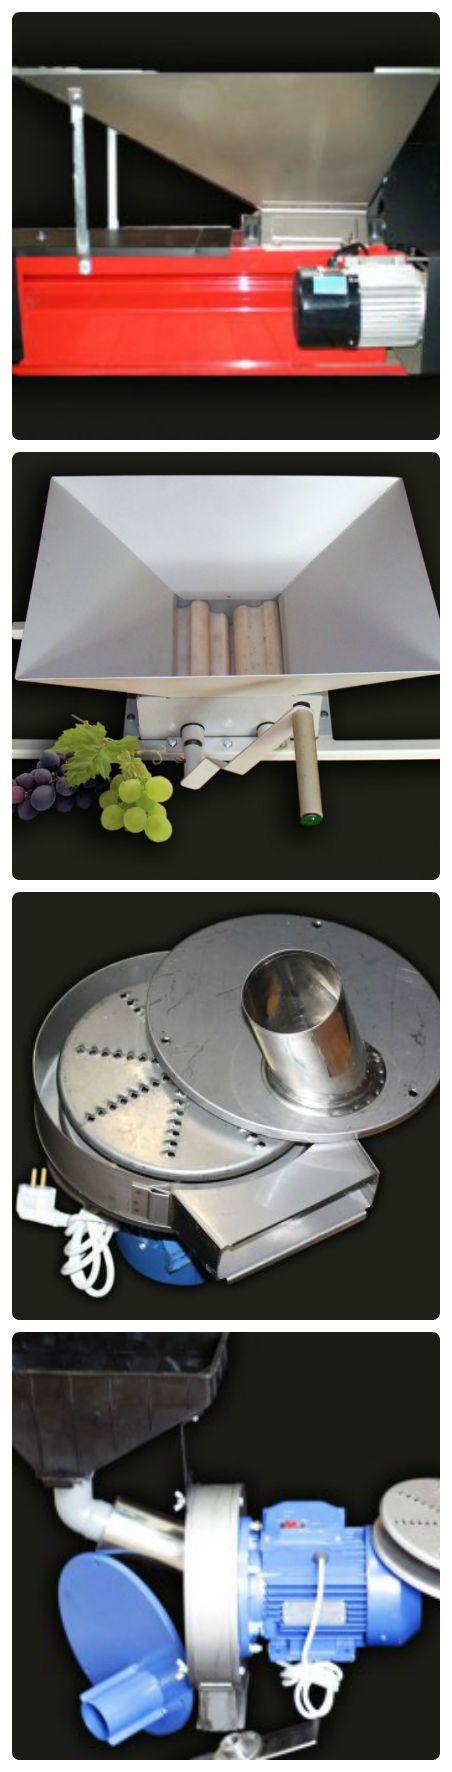 Дробить – винограду не вредить.  Одним из способоф обработки винограда, перед тем как поместить его в пресс, является дробление в специальных дробилках.  http://omega-art.com.ua/category/vse-dlja-vinodeliya/  Дробилка для винограда это устройство с ручным или электрическим приводом, оснащенное валами, которые аккуратно давят ягоды винограда не повреждая его косточки.  http://omega-art.com.ua/category/drobilki-vinogradnye-nthrb%20elektricheskie-dlya-fruktov-i-ovoschey/